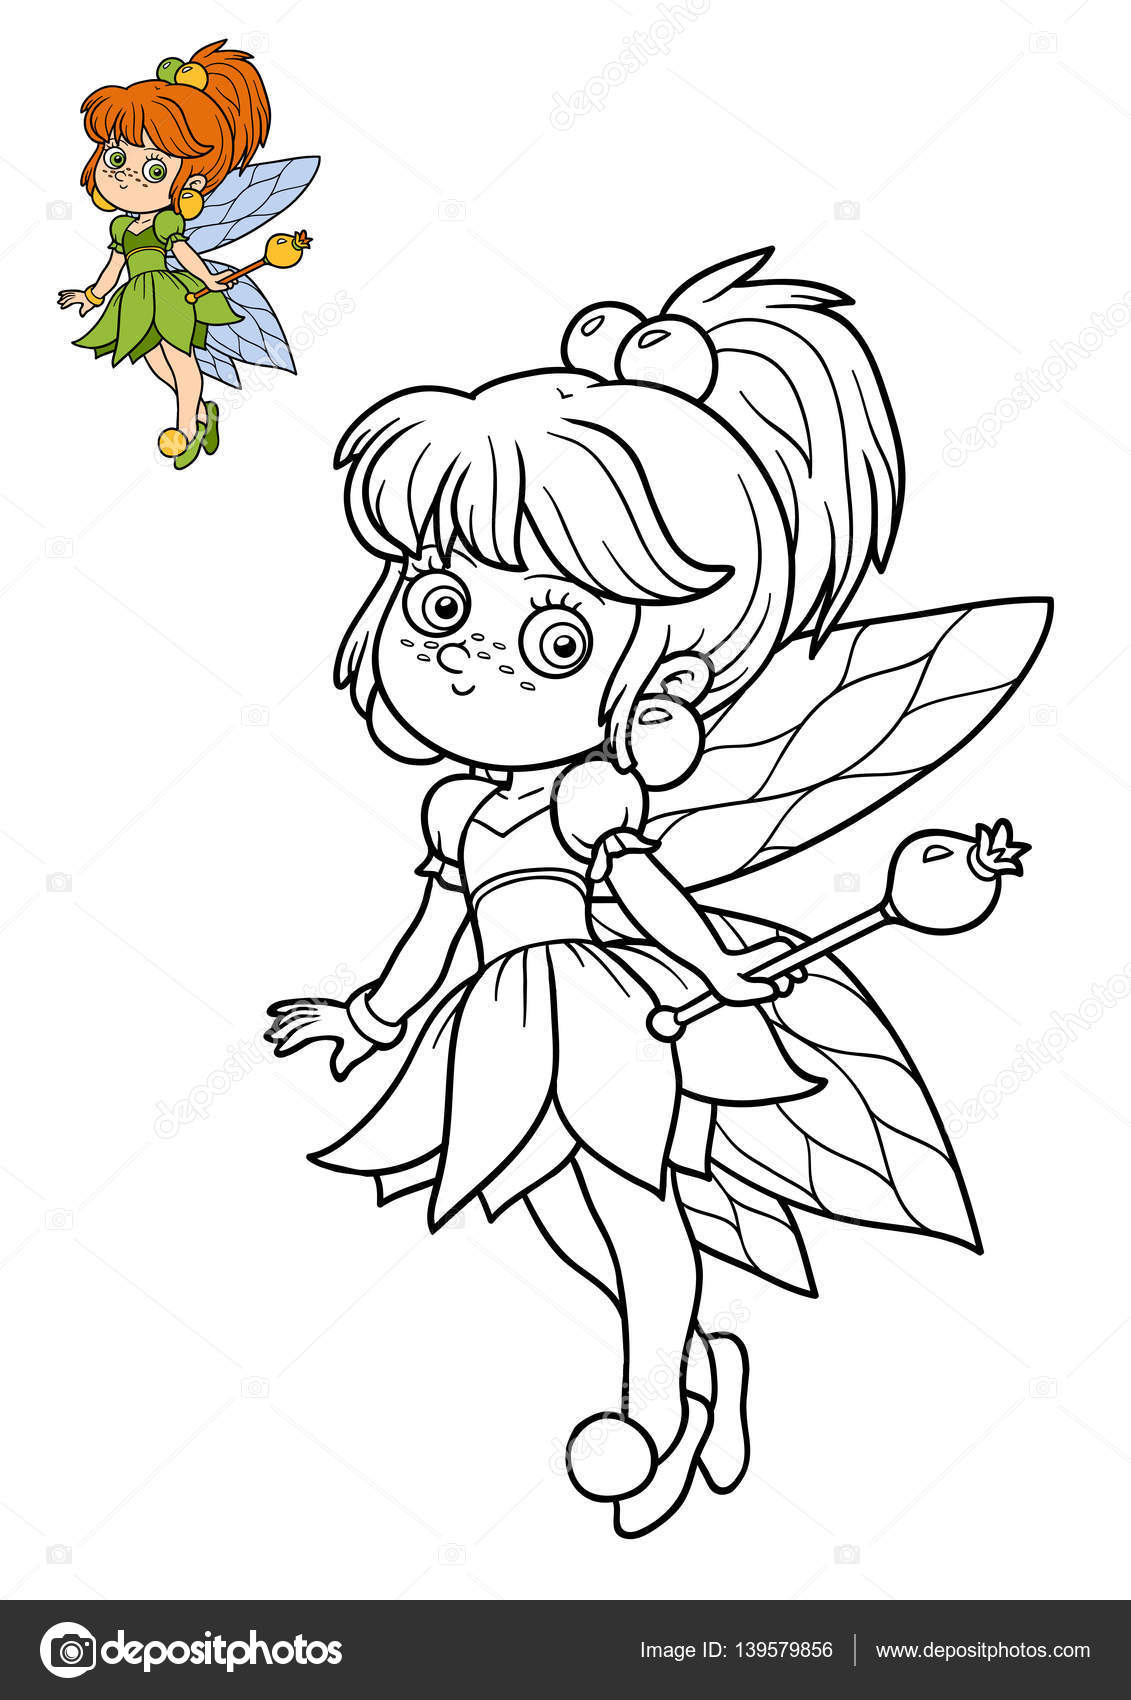 妖精の女の子塗り絵 ストック写真 Ksenyasavva 139579856